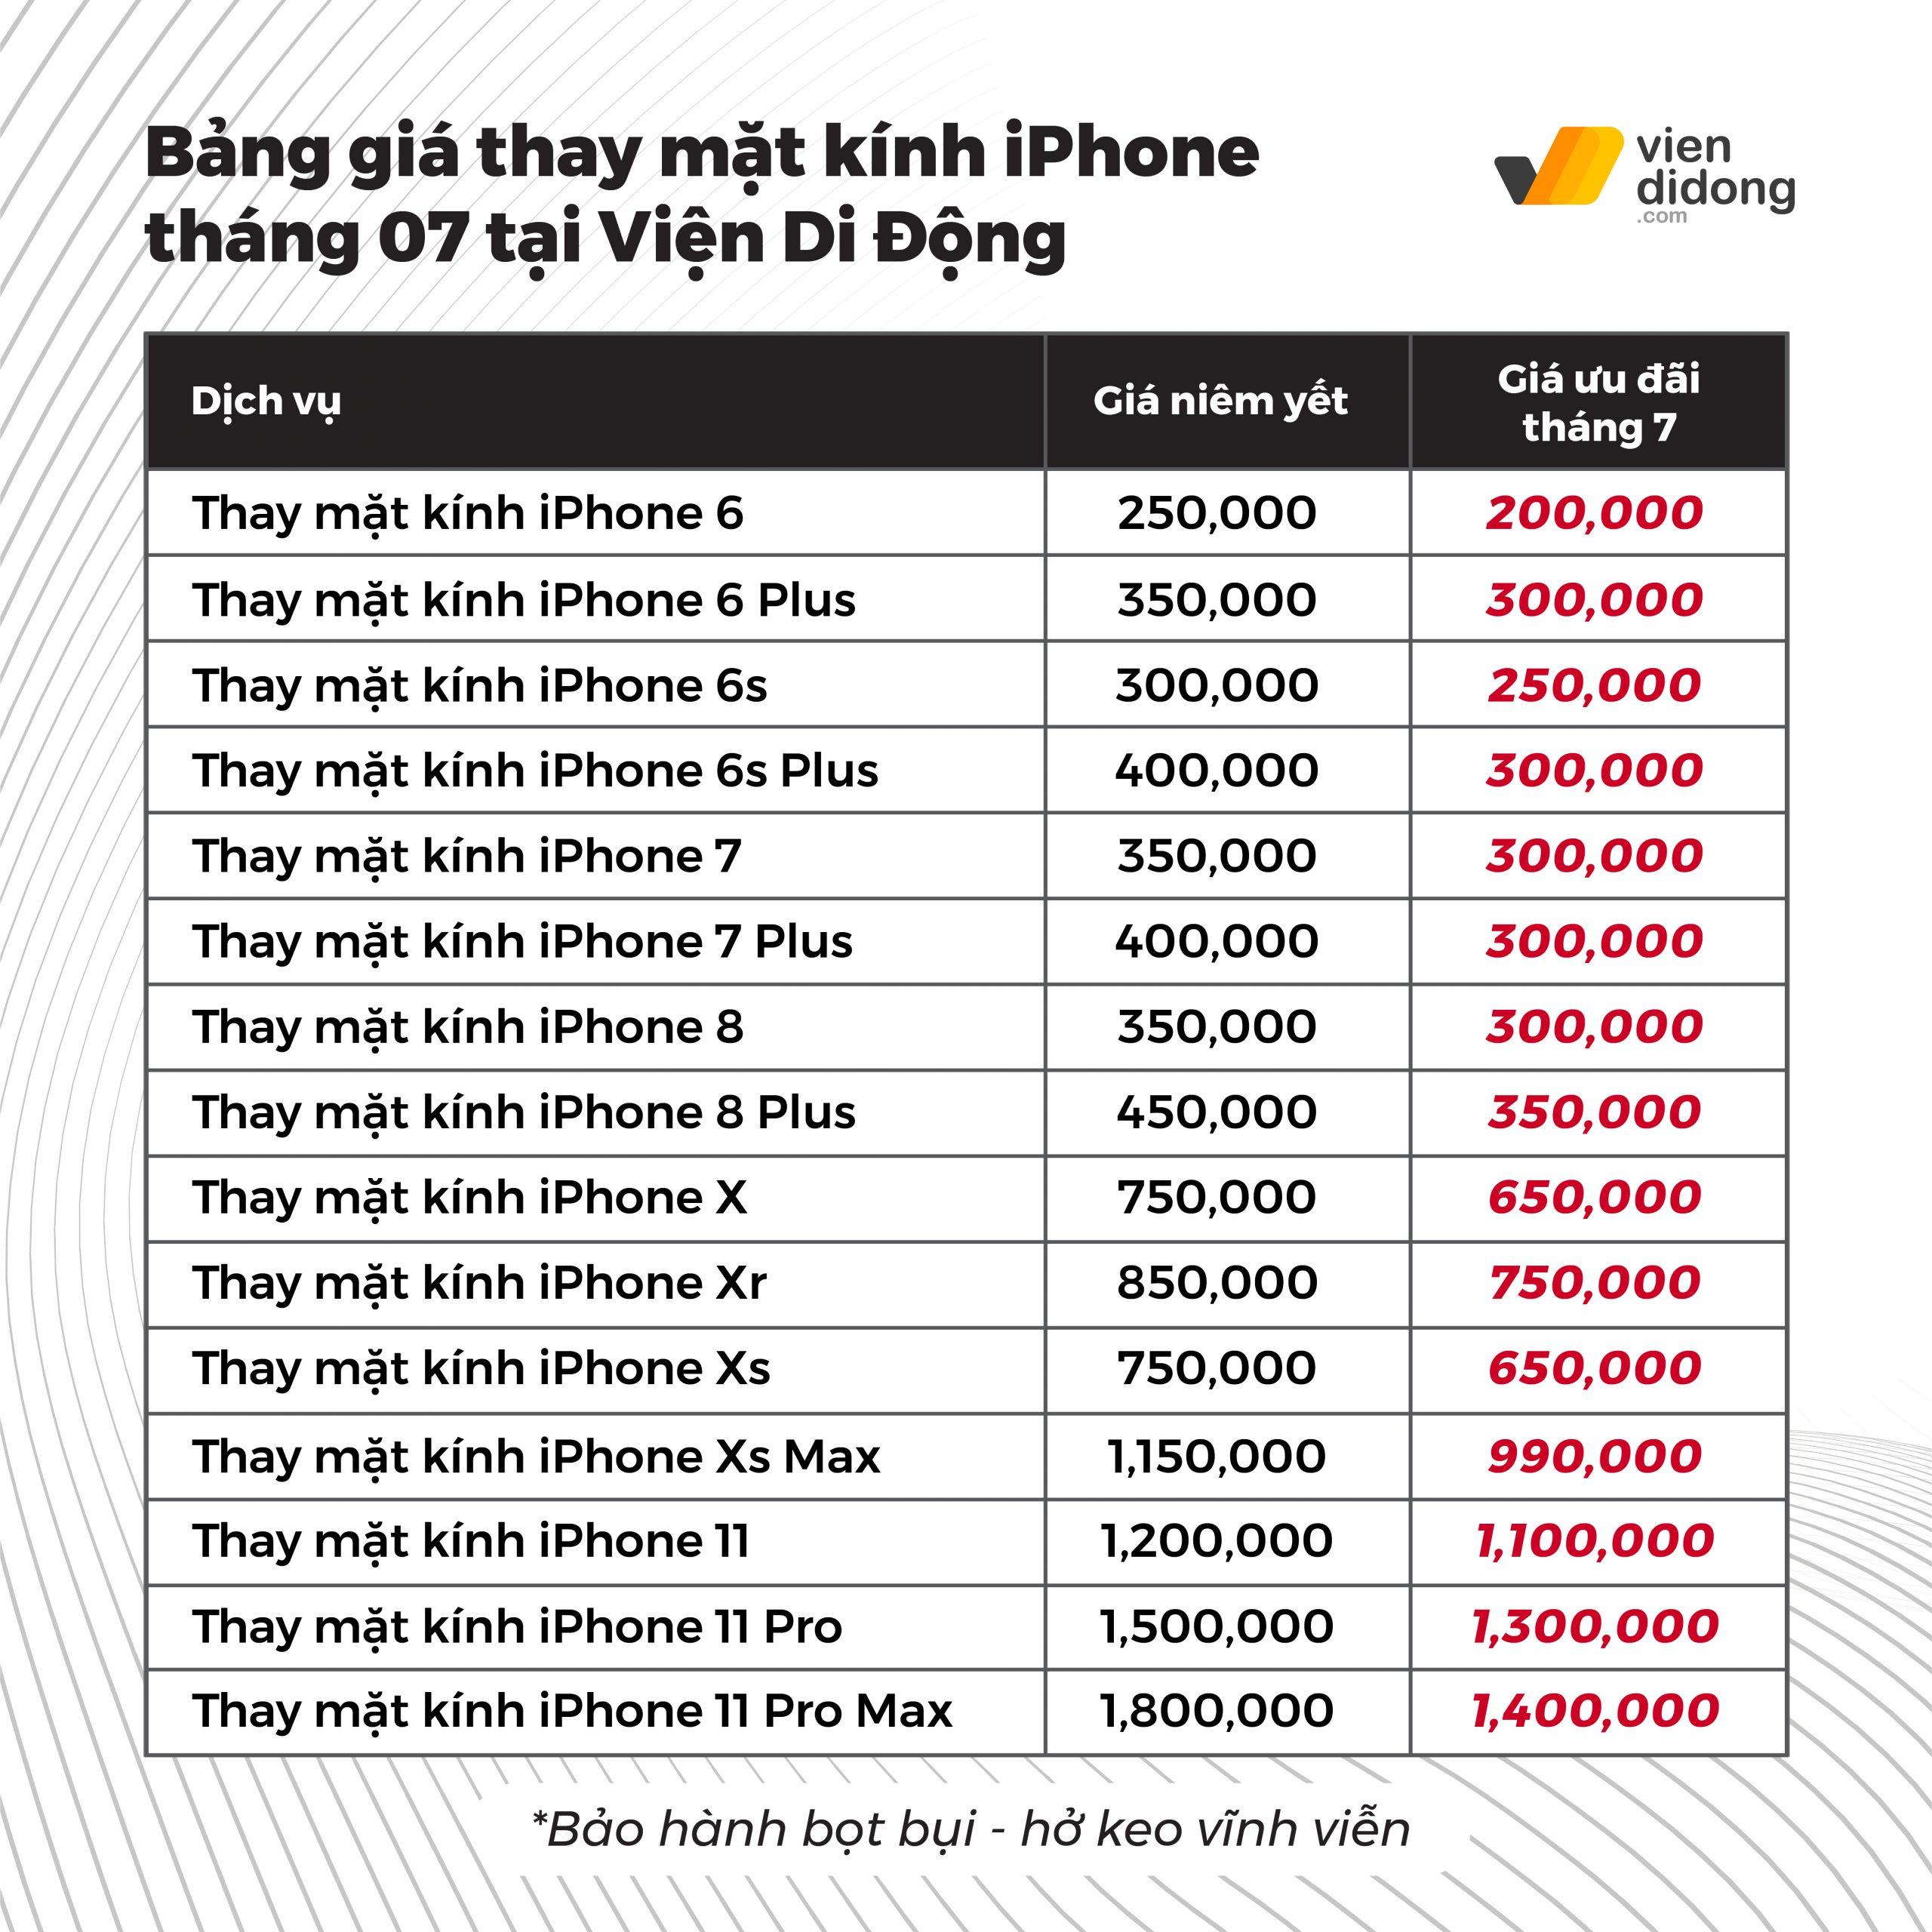 Thay mặt kính iPhone lấy ngay tại Viện Di Động với giá siêu ưu đãi, chỉ từ 200.000đ bang gia 02 1 scaled